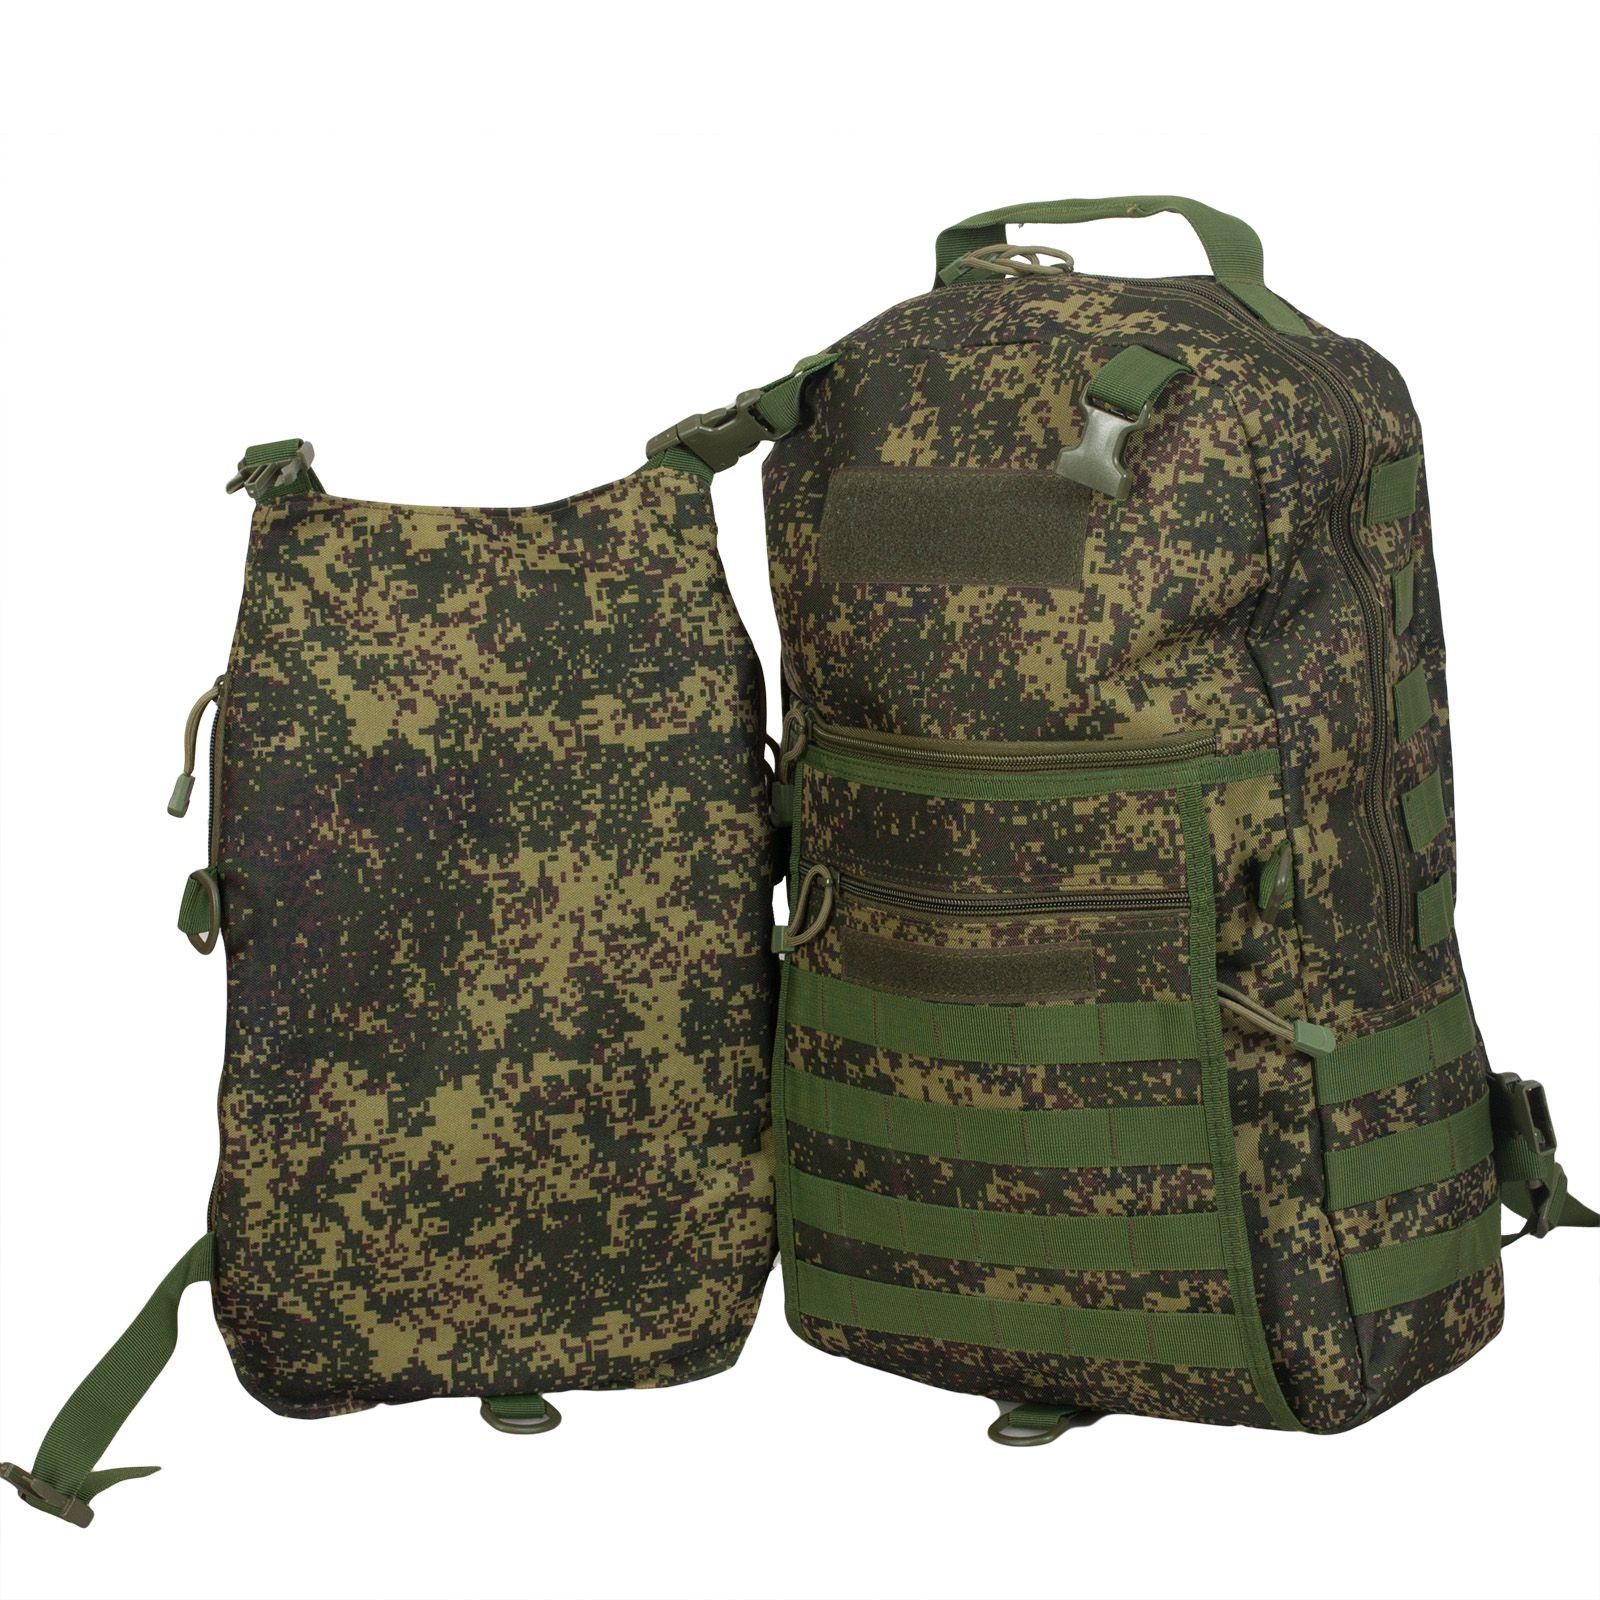 Камуфляжный армейский рюкзак с нашивкой ДПС - заказать в подарок